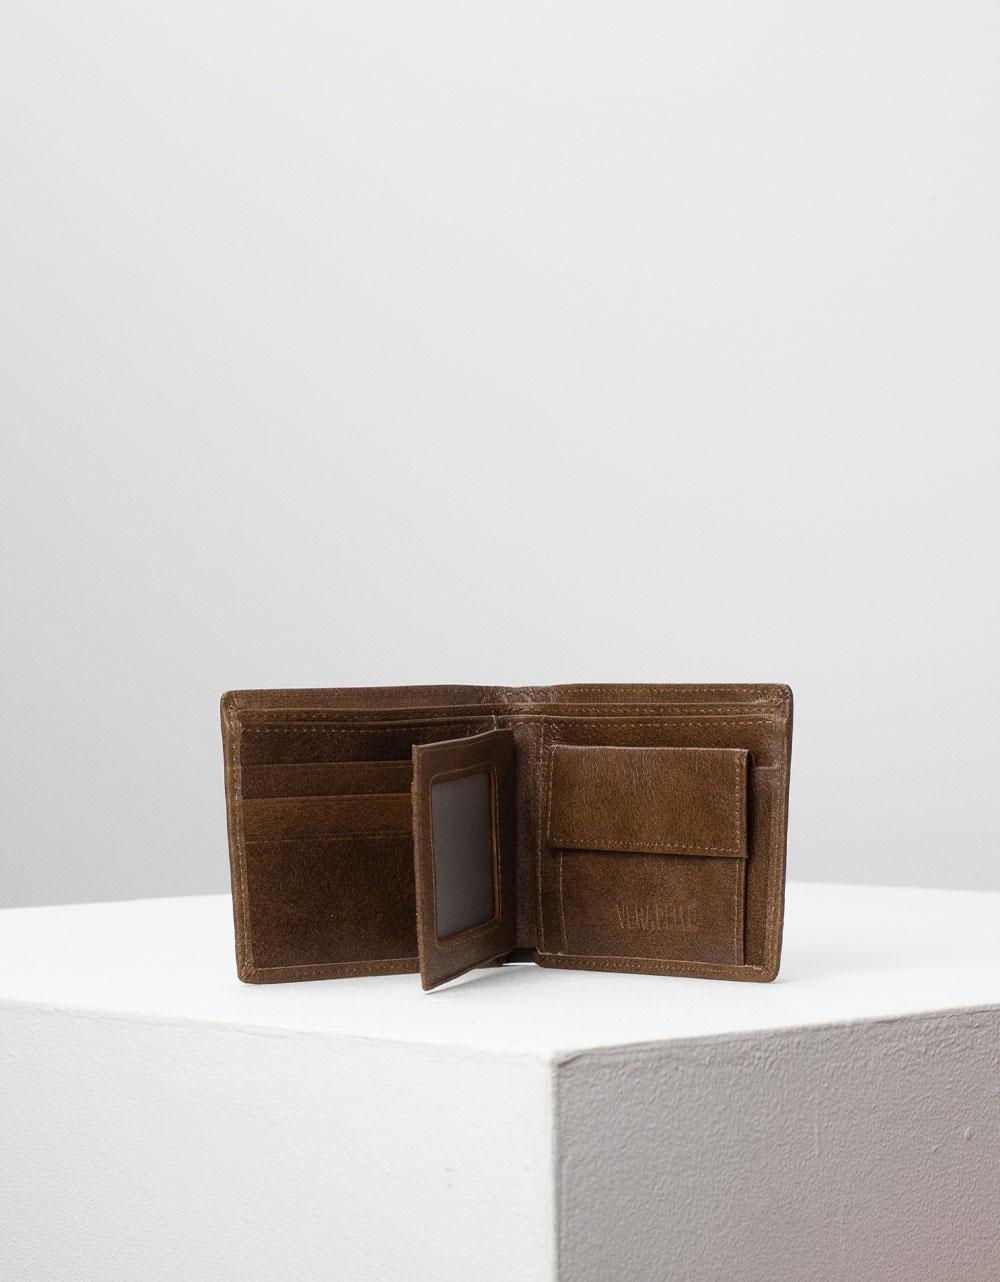 Εικόνα από Ανδρικά πορτοφόλια δερμάτινα με διακοσμητική ραφή Πούρο